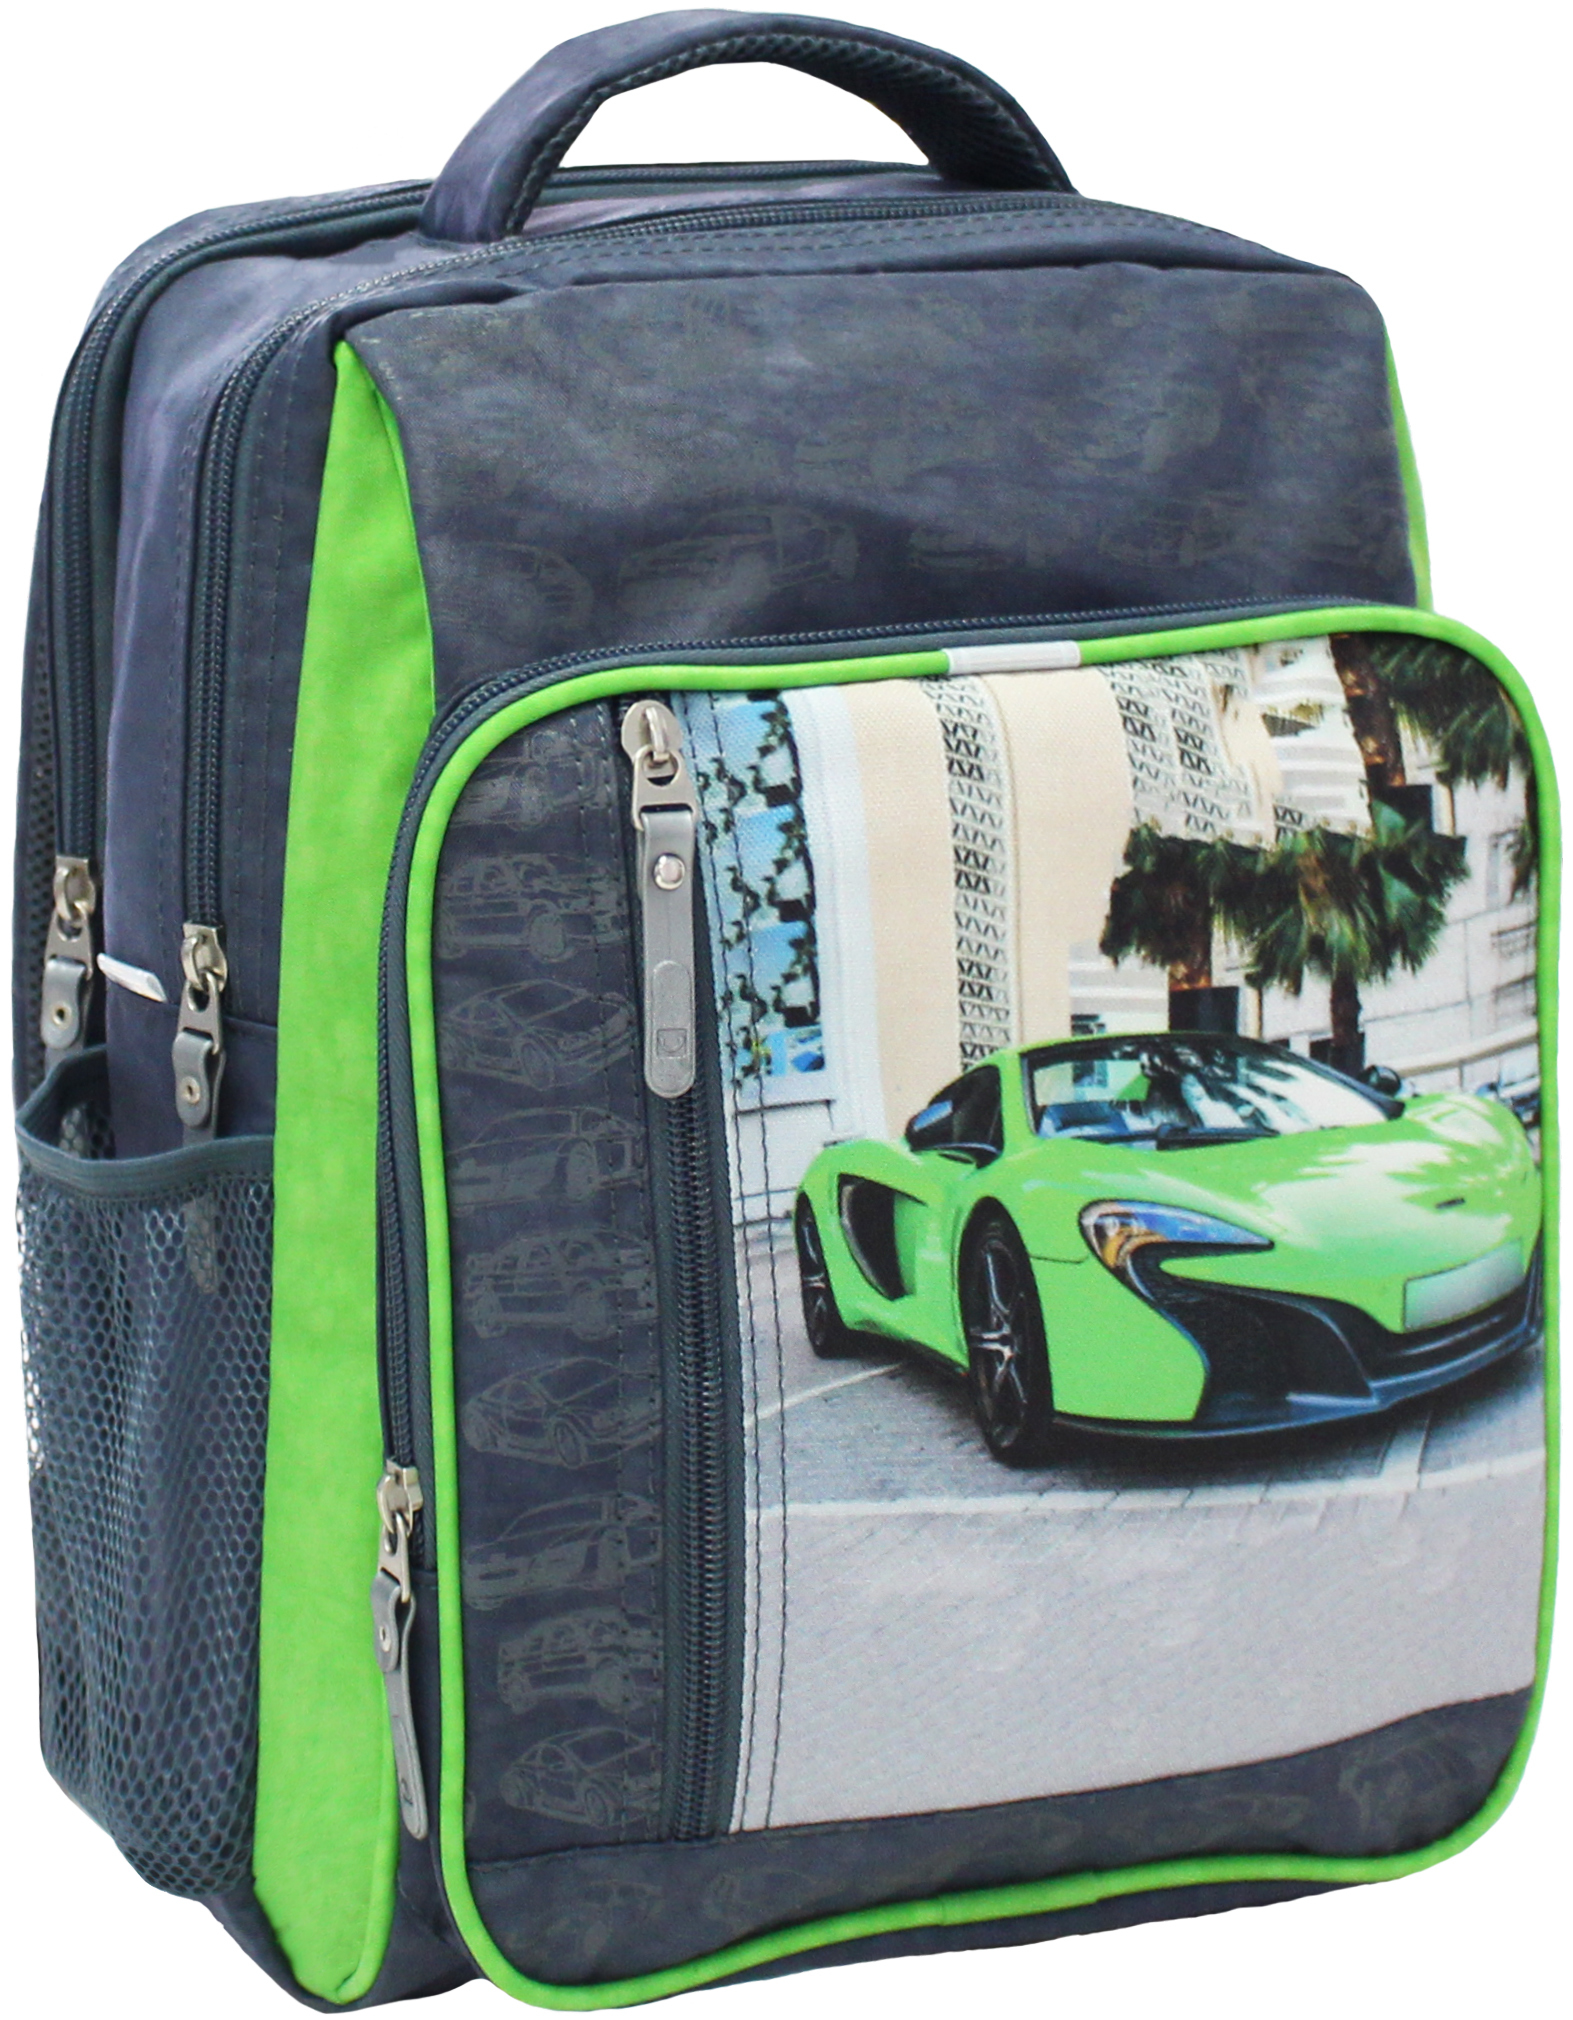 Школьные рюкзаки Рюкзак школьный Bagland Школьник 8 л. 321 сiрий 20 м (00112702) IMG_5295.JPG